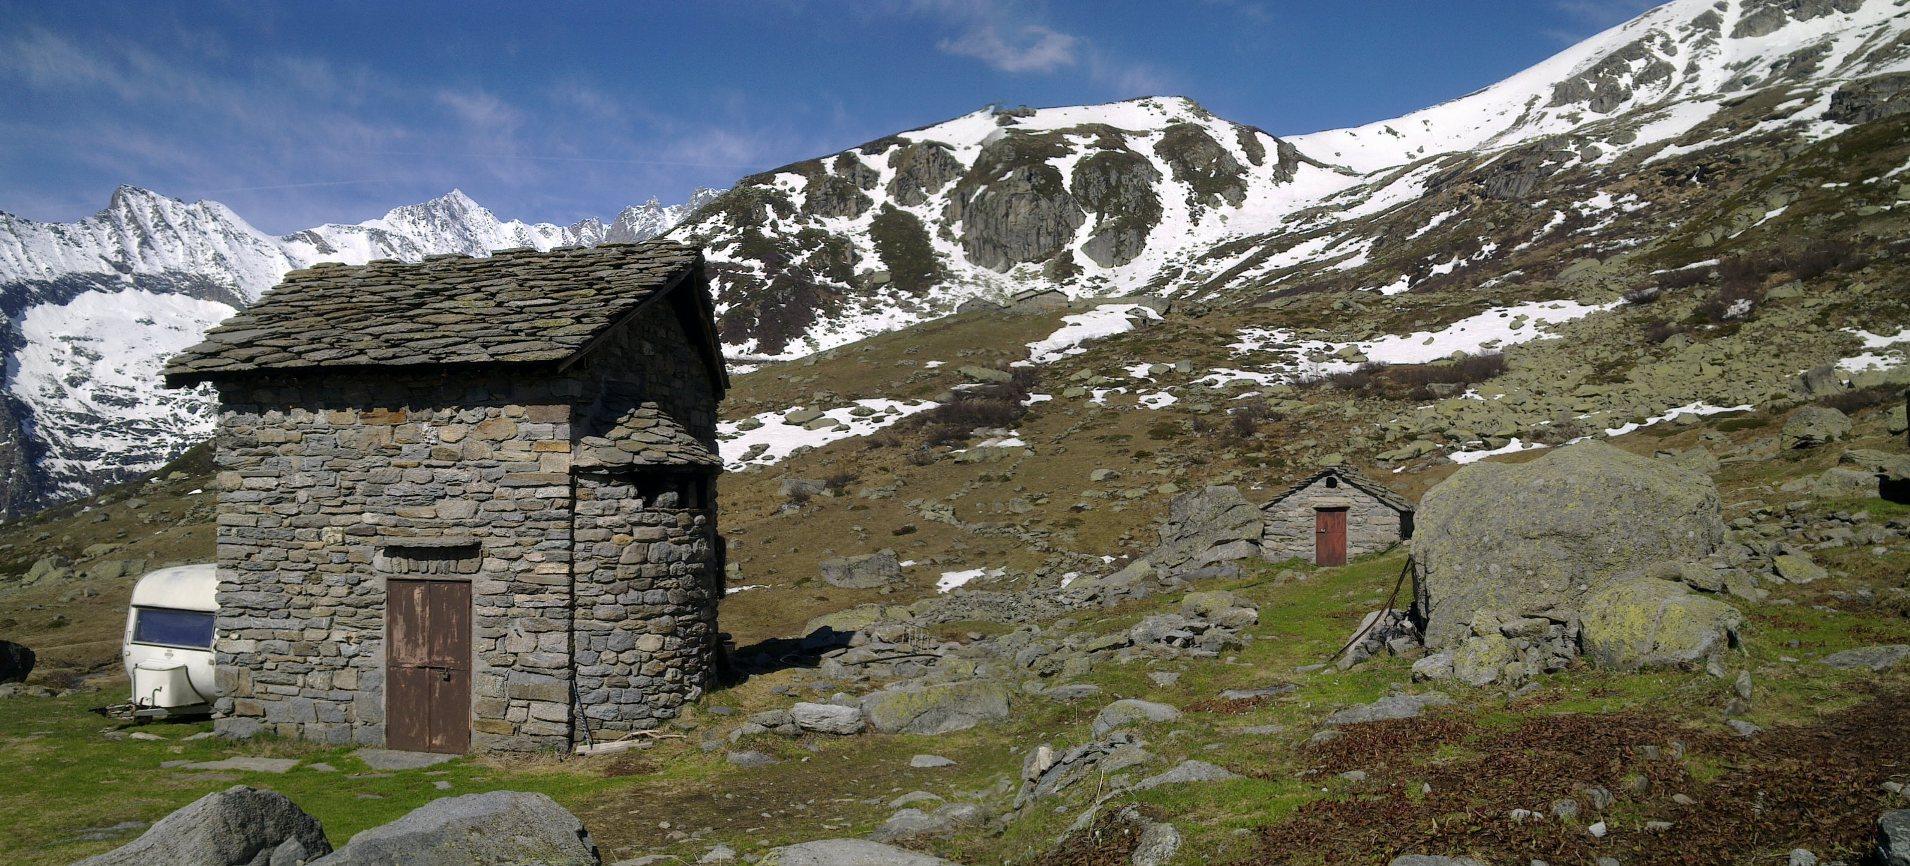 Turismo nelle valli di lanzo sentiero balcone rivotti for Fontane da balcone